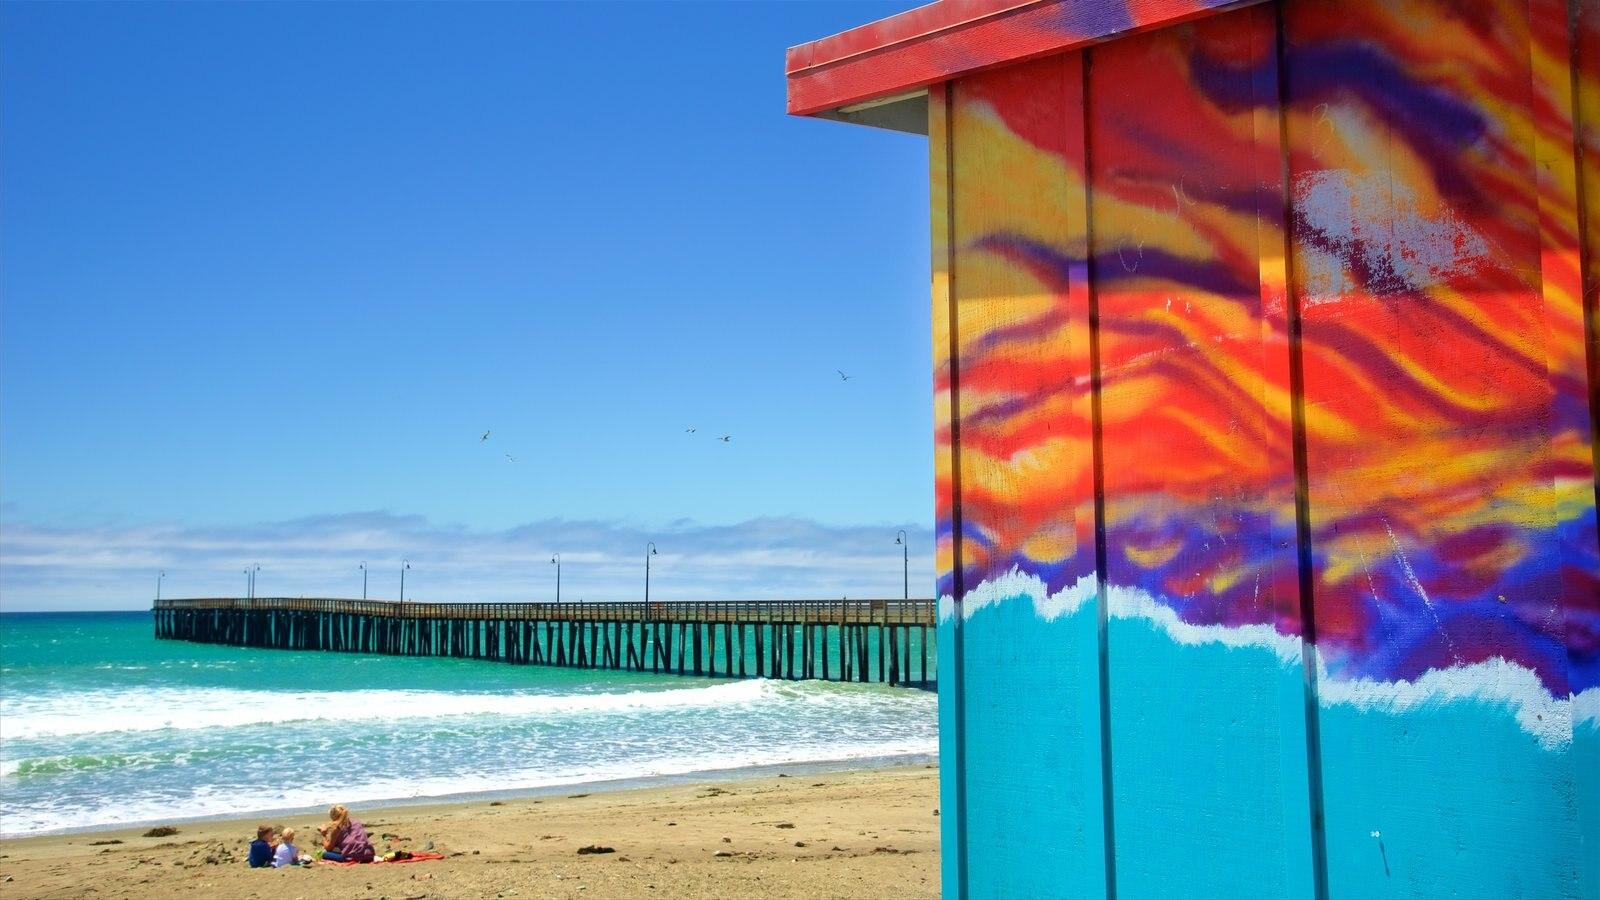 Cayucos State Beach caracterizando paisagens litorâneas, uma praia e arte ao ar livre